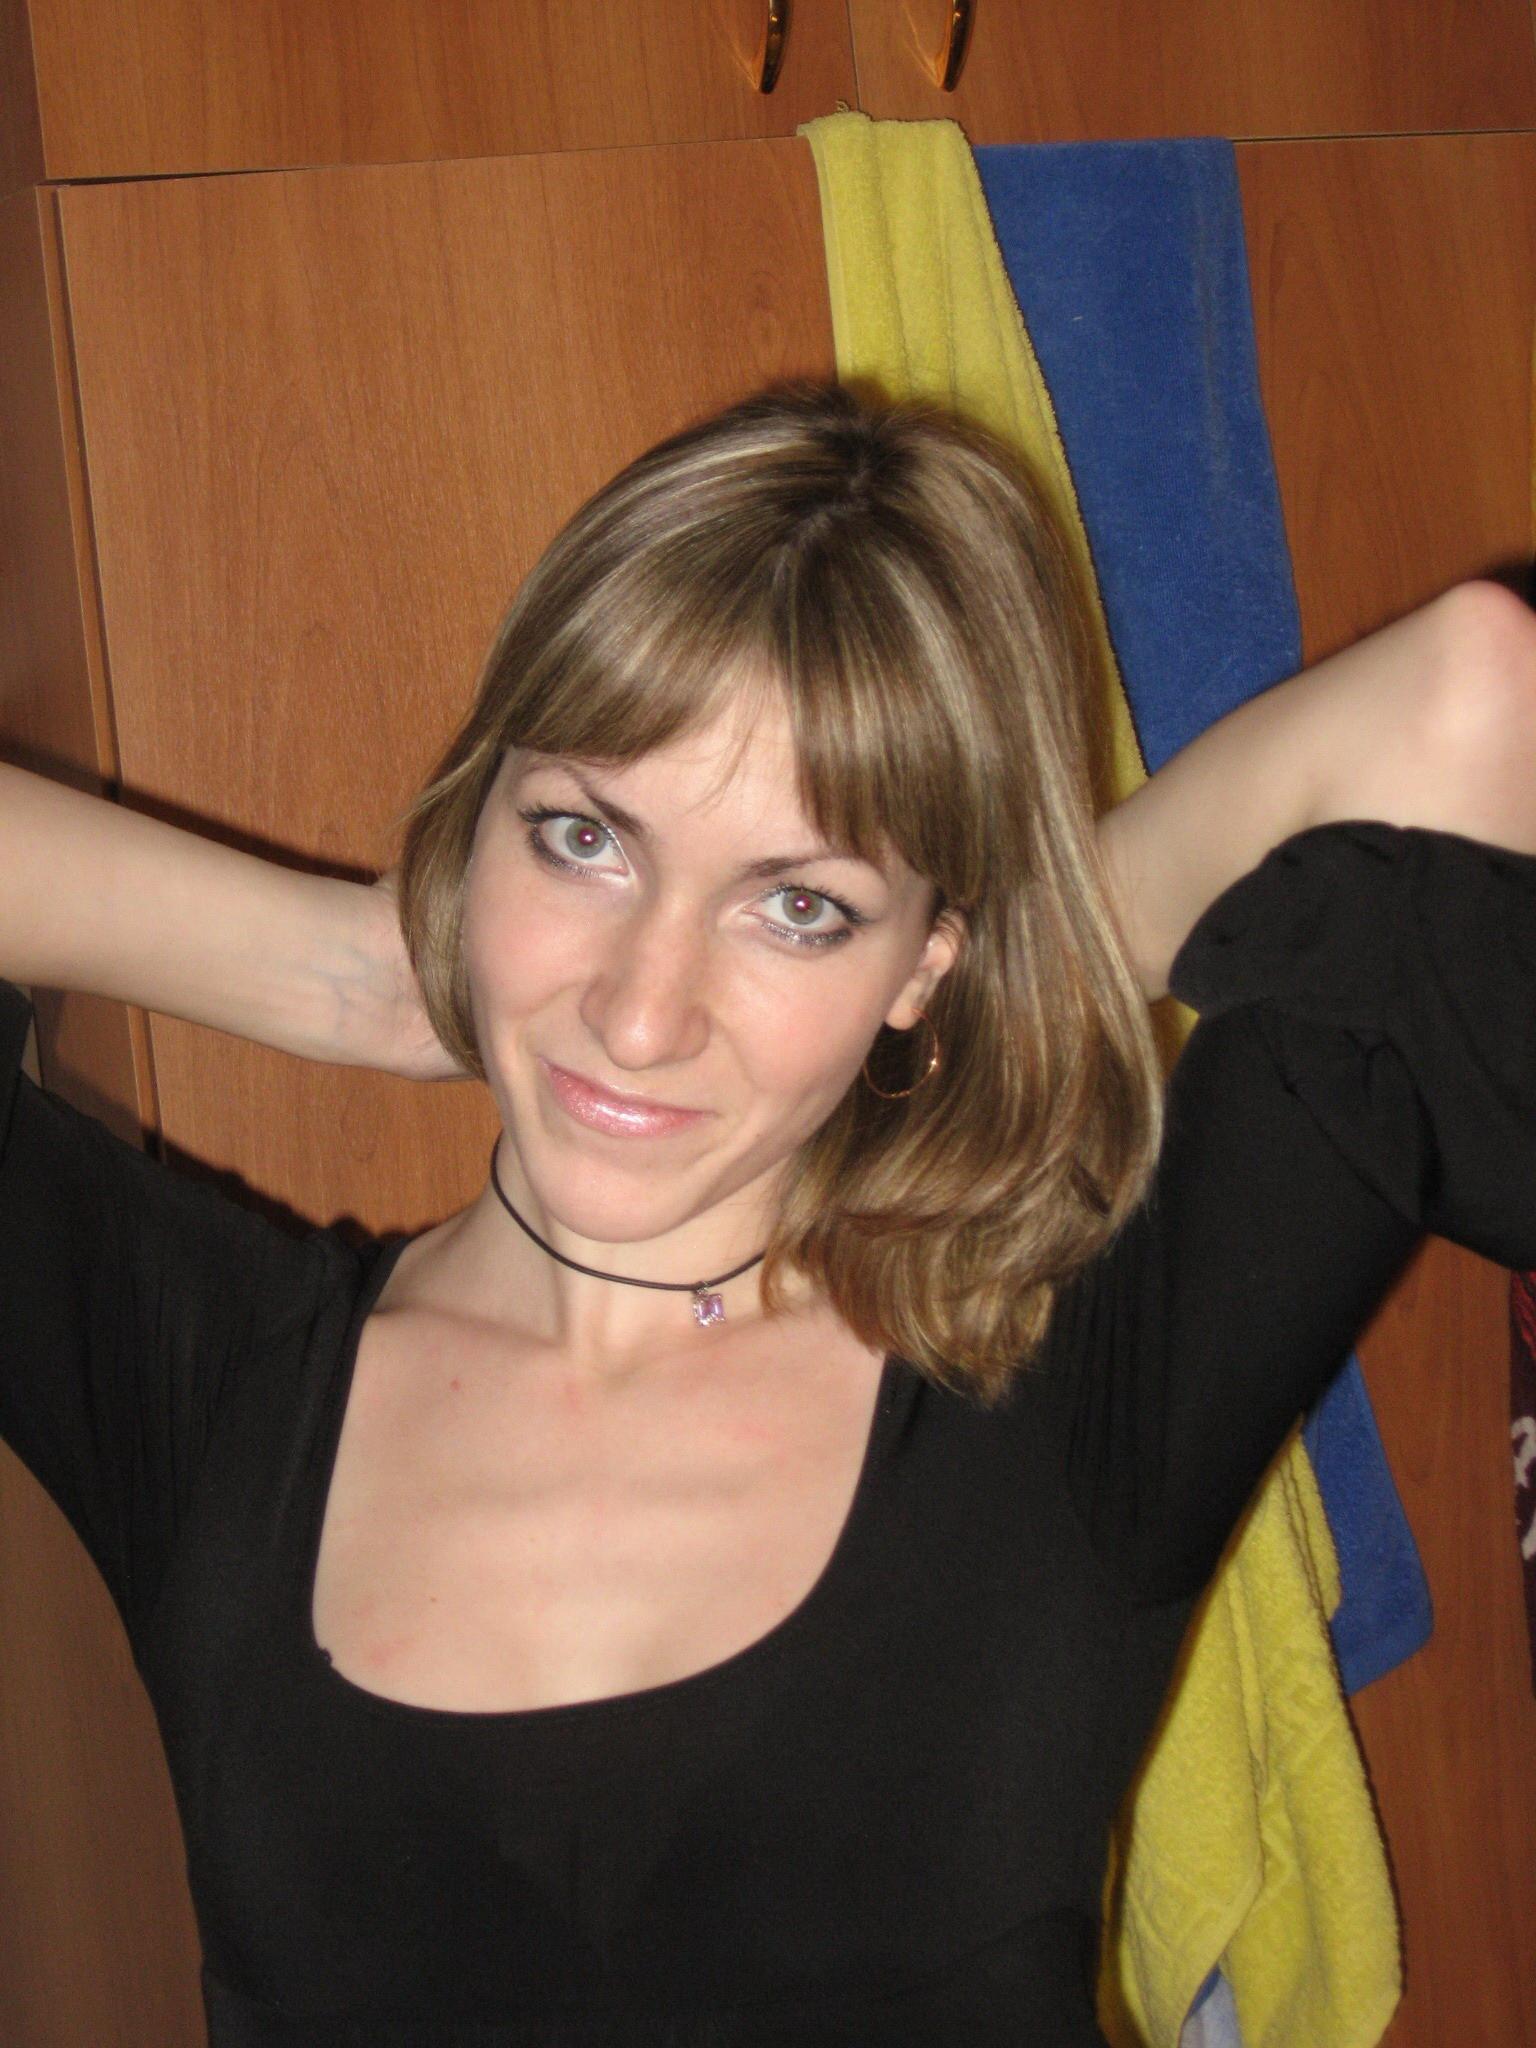 Интимные фото россиянки в медовый месяц